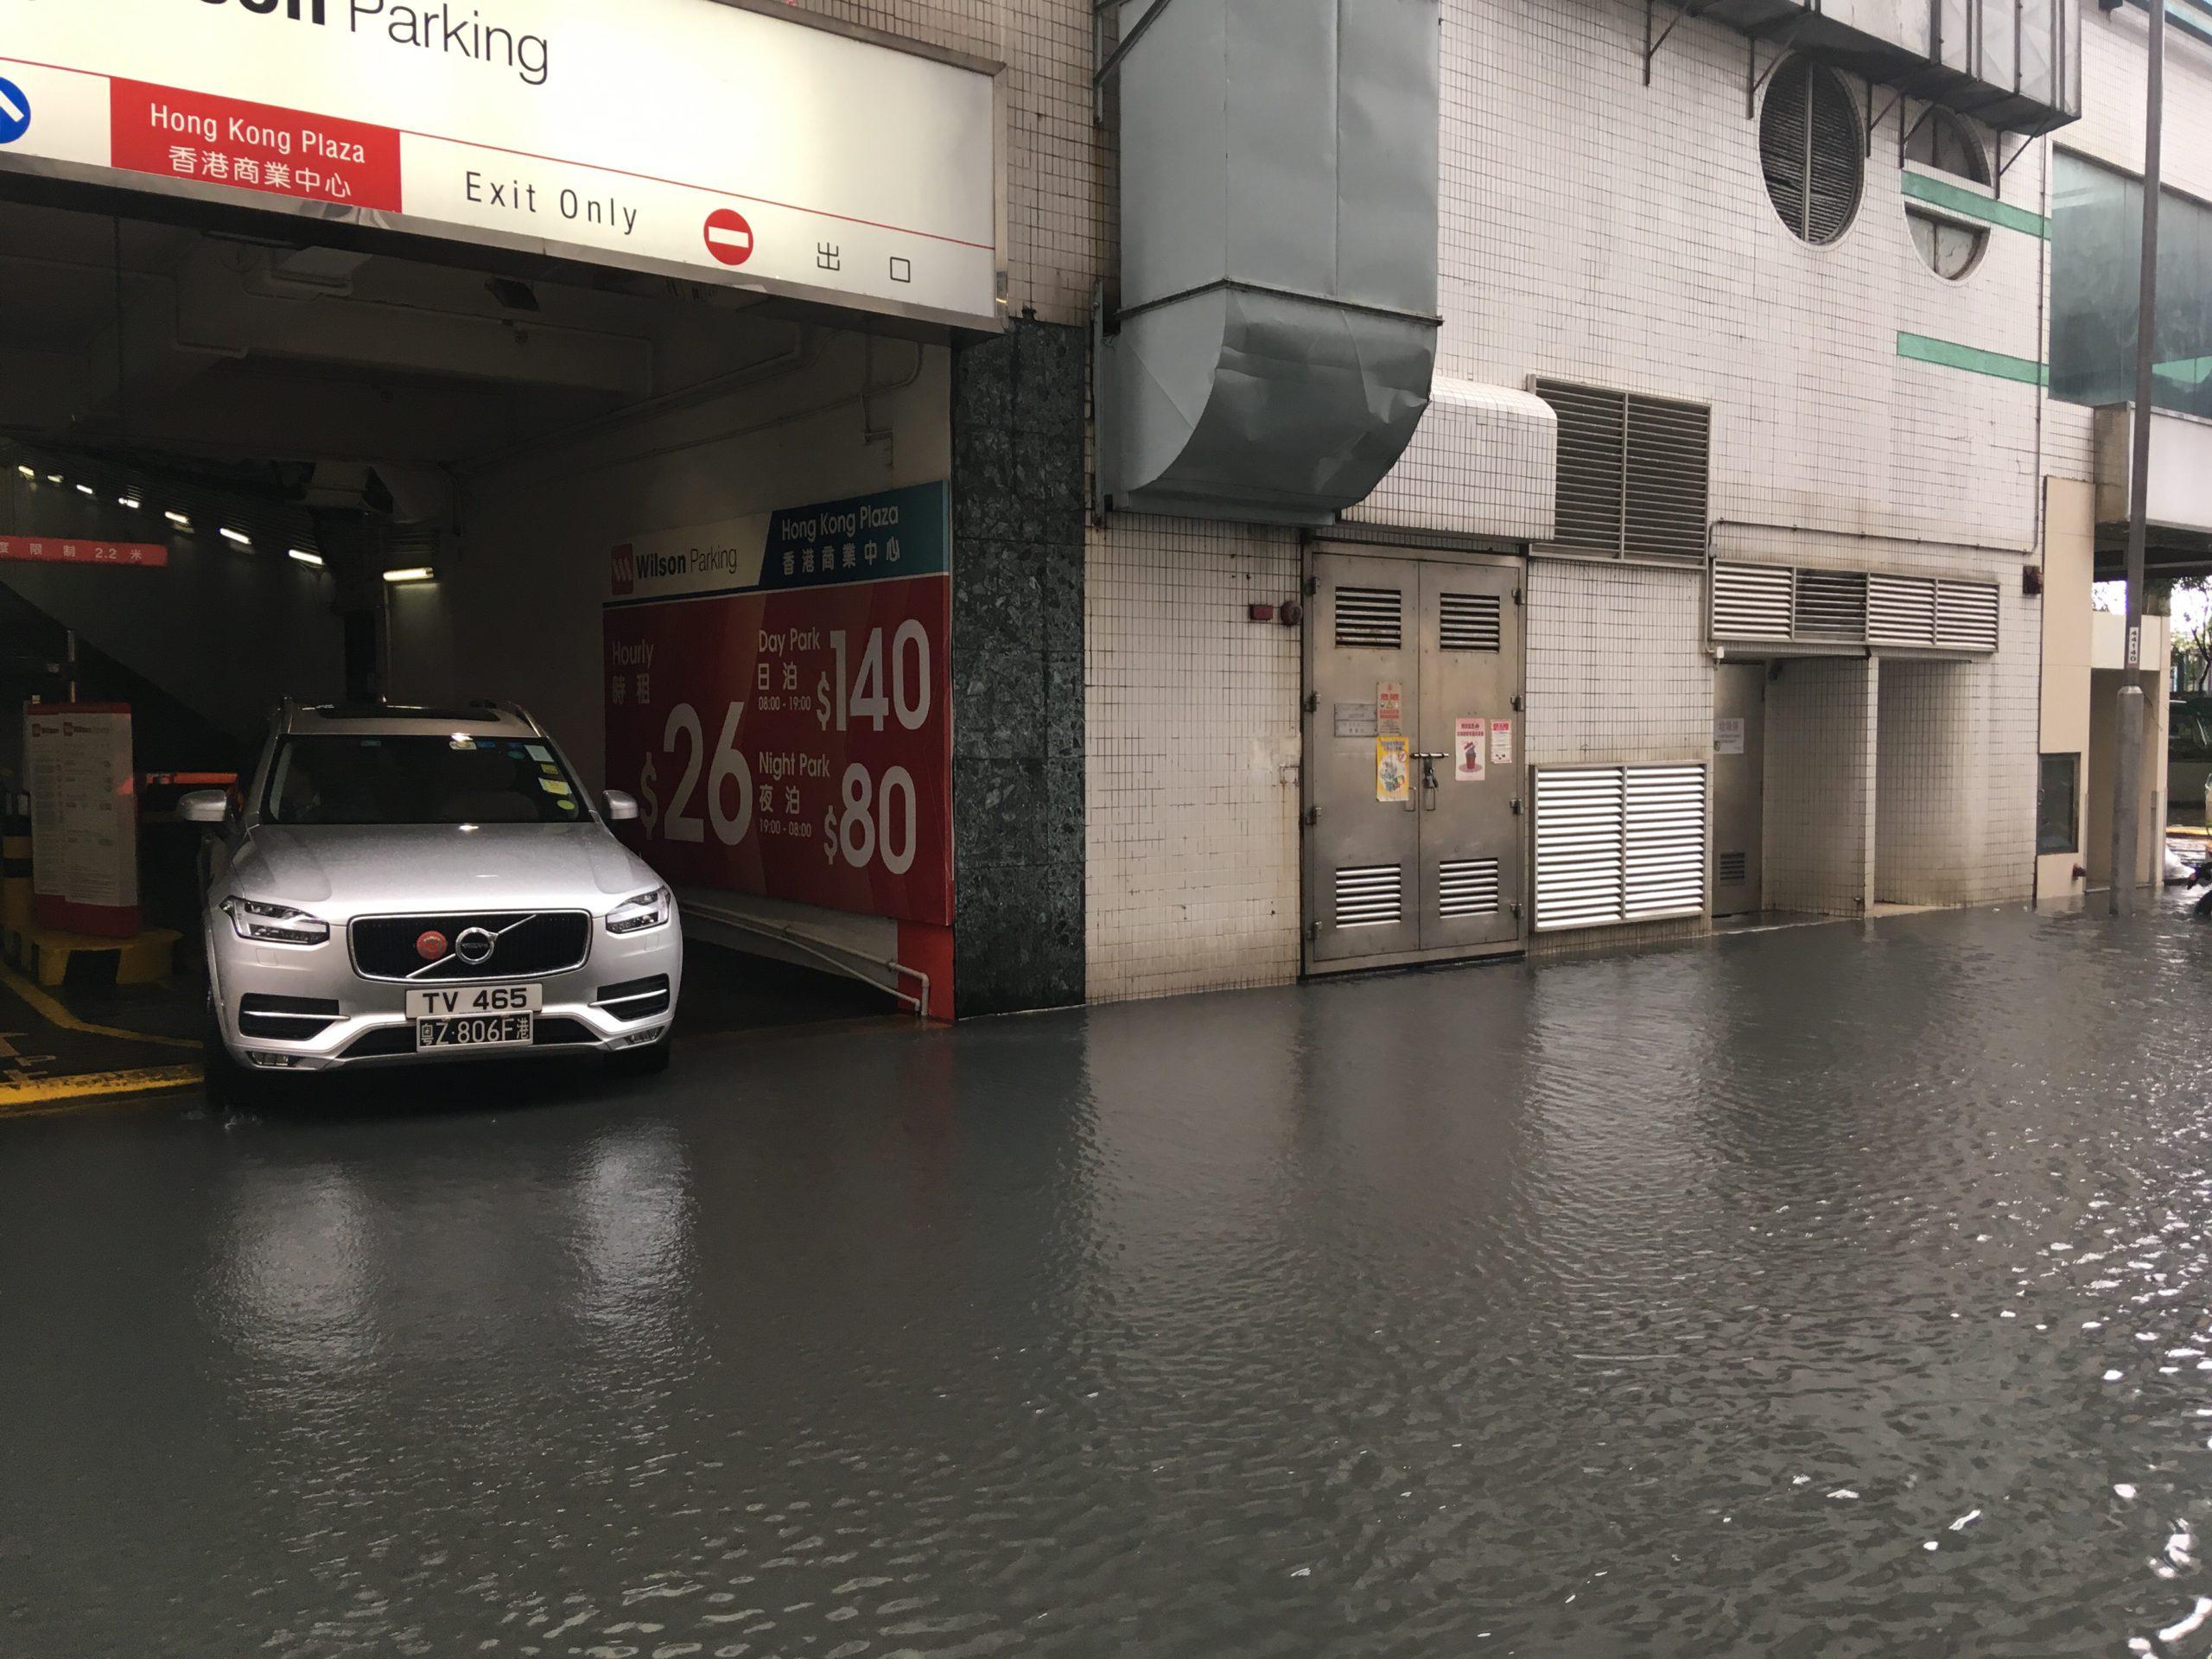 密切關注山道河雨水渠破井令屈地街水浸